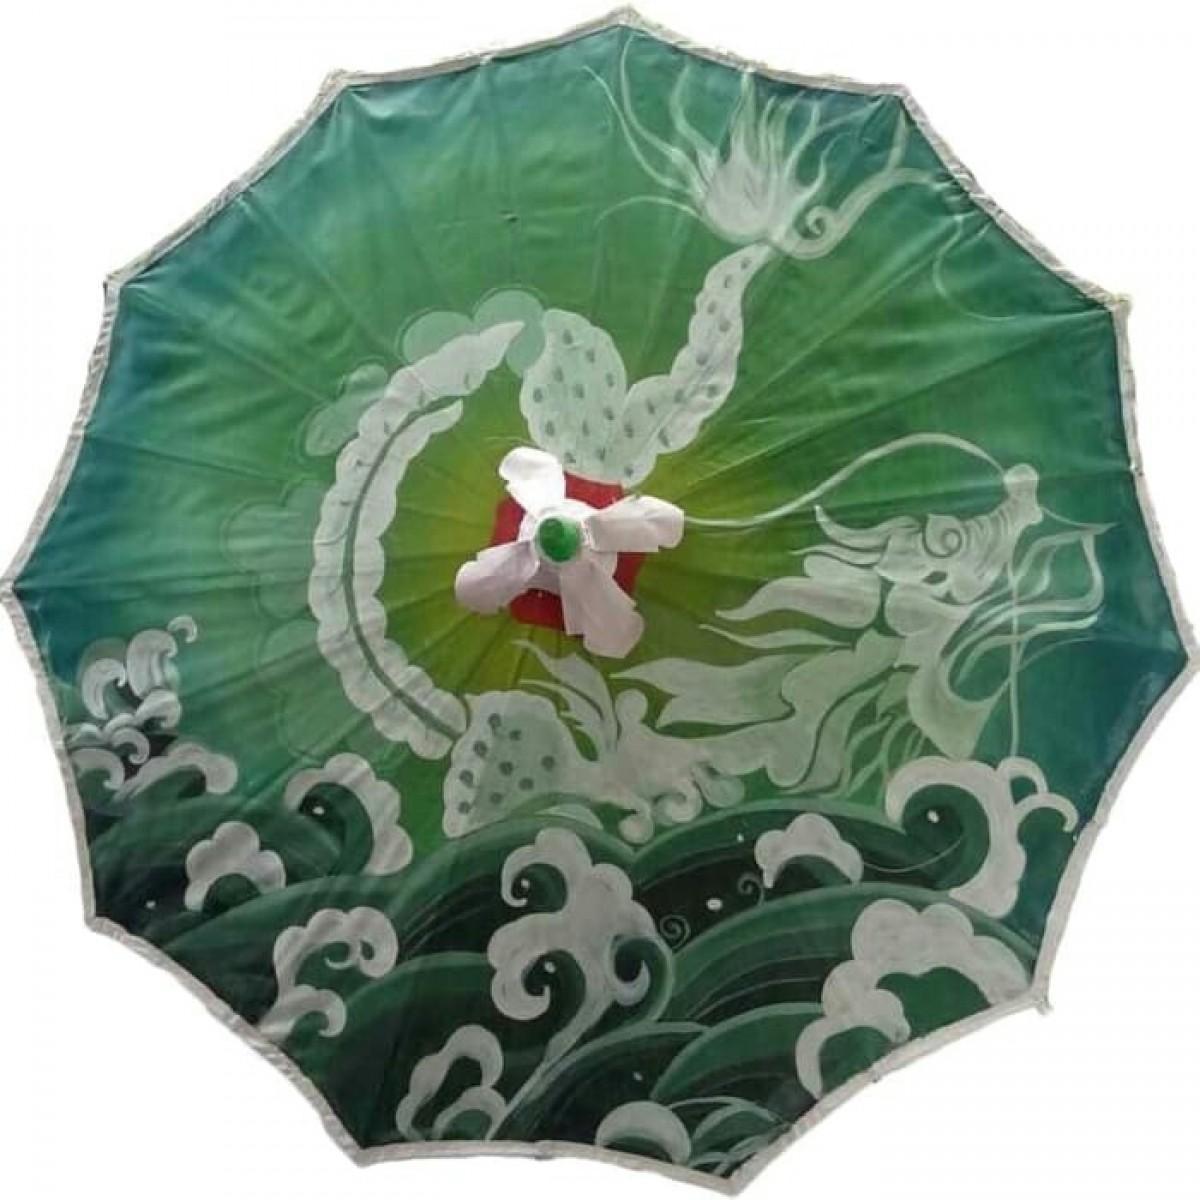 Payung geulis spesial naga